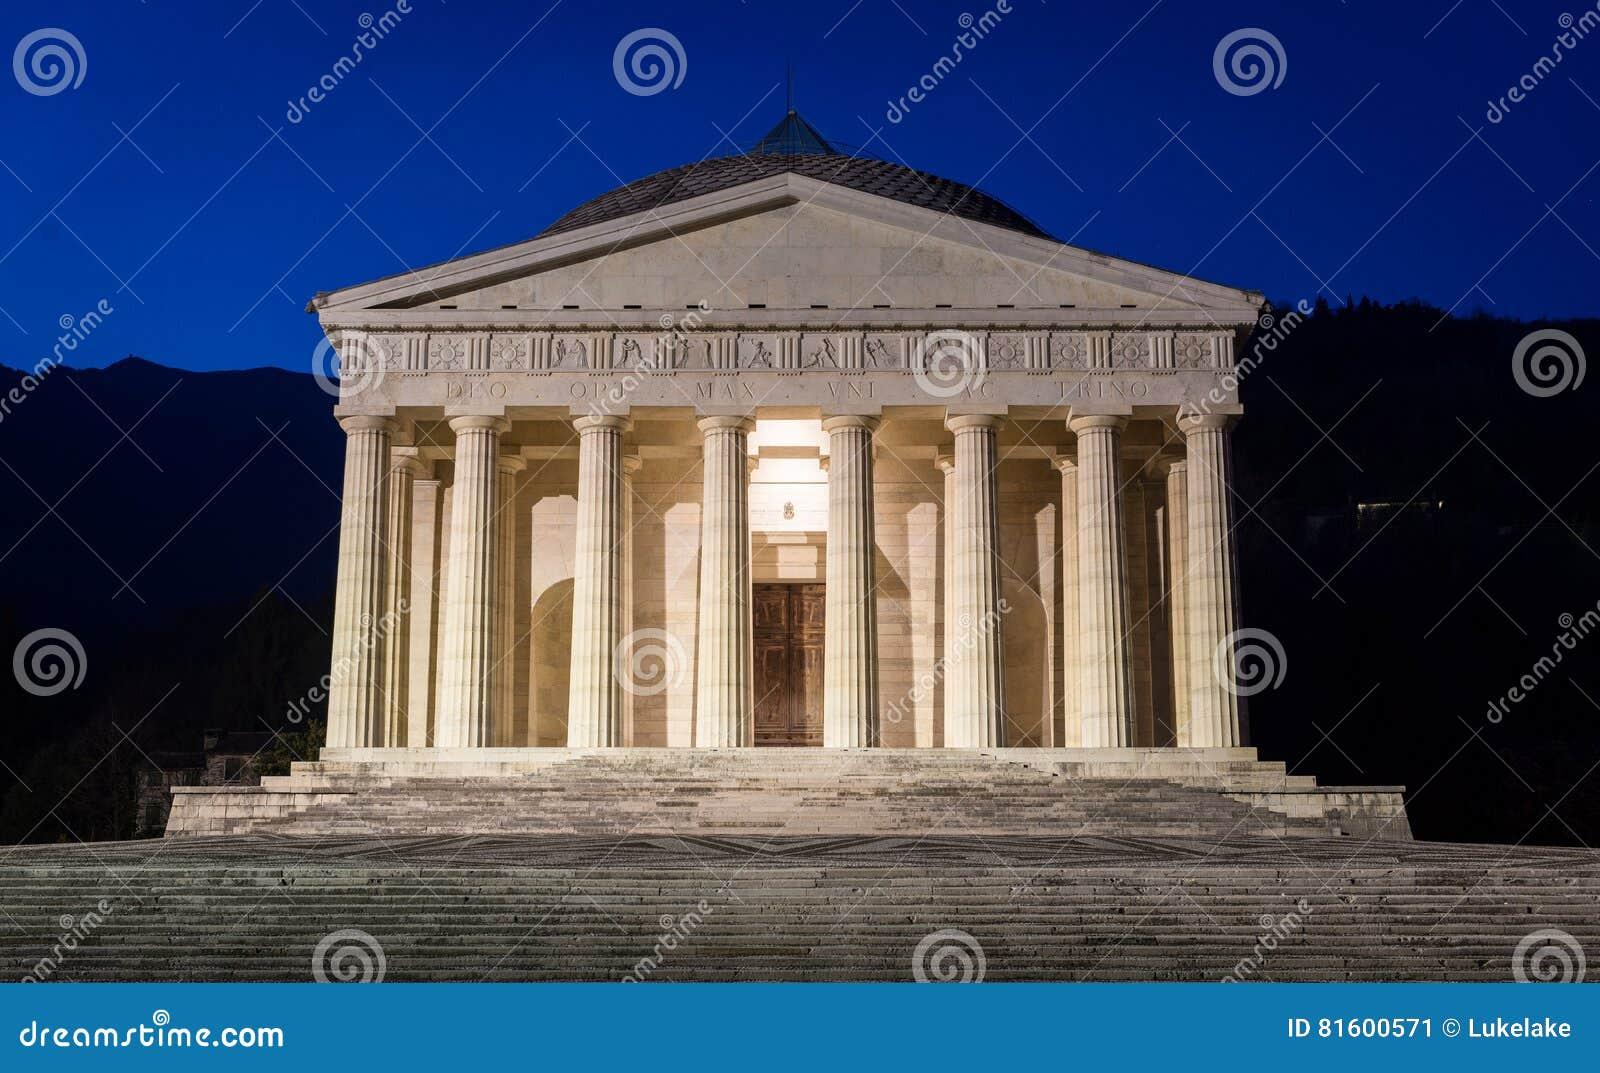 Tempio cristiano da antonio canova architettura religiosa for Architettura razionalista in italia